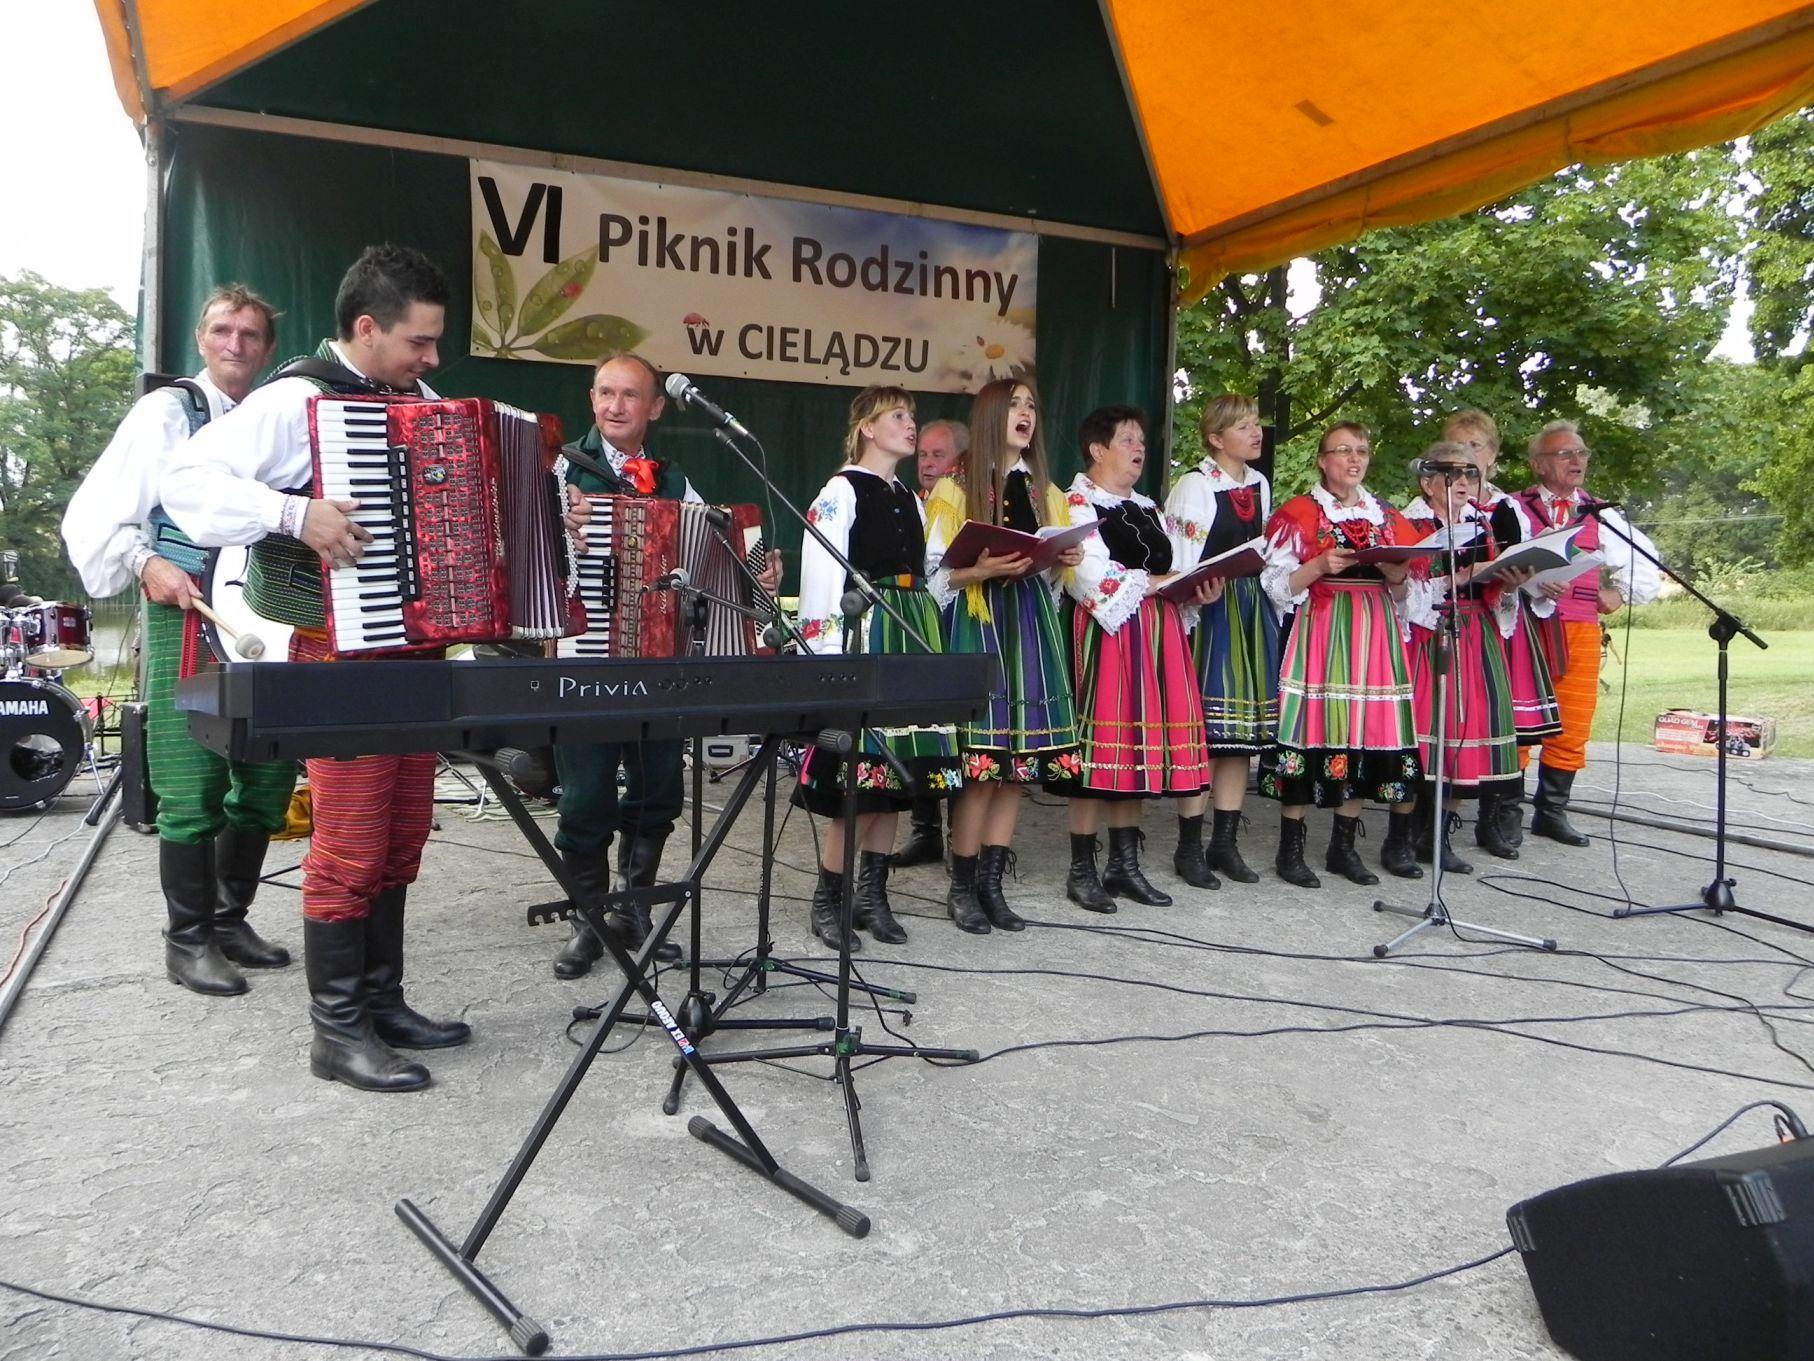 2013-08-18 Cielądz piknik (21)